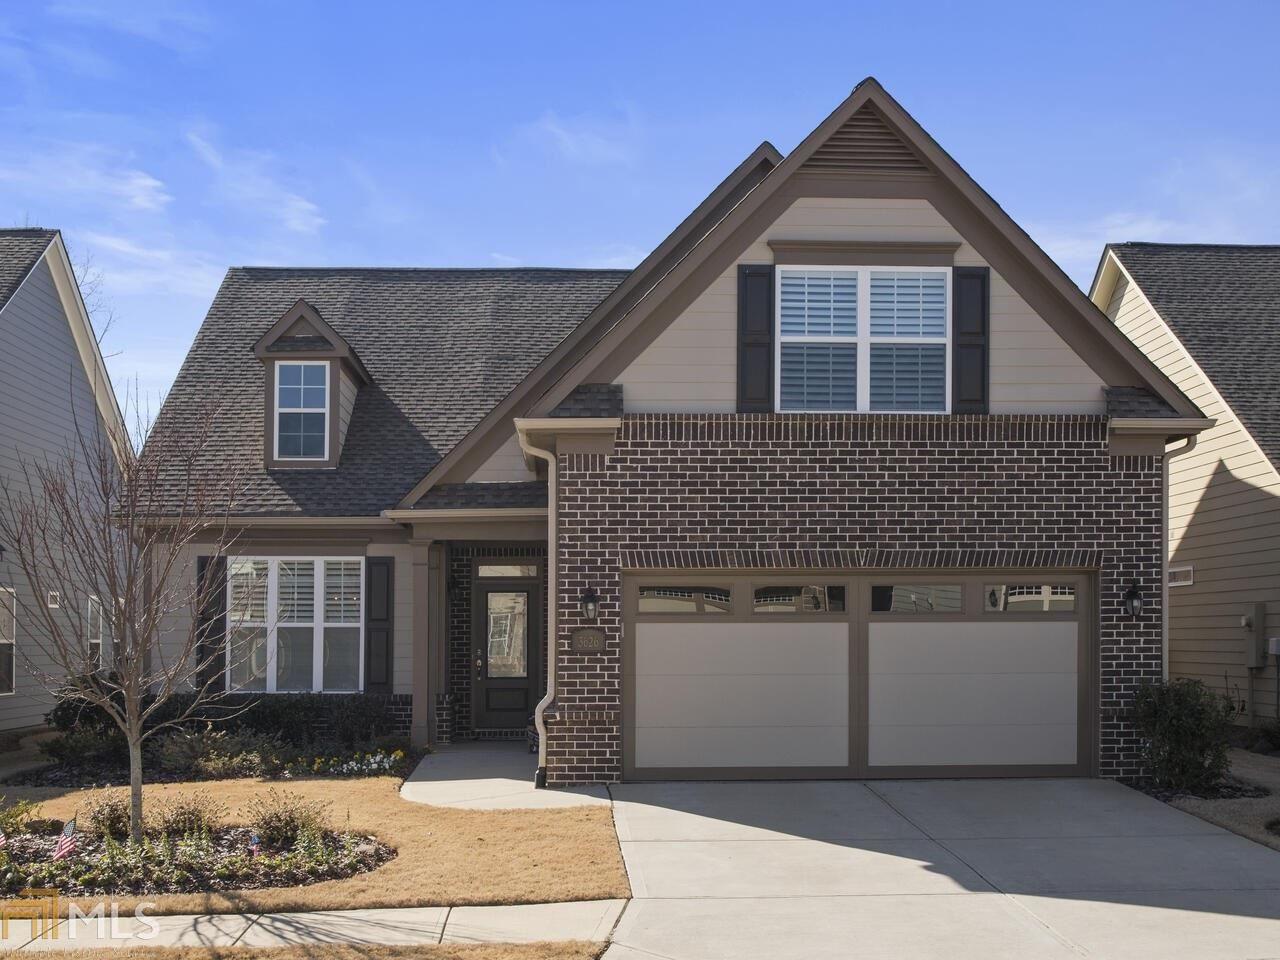 3626 Cresswind Pkwy, Gainesville, GA 30504 - MLS#: 8915596